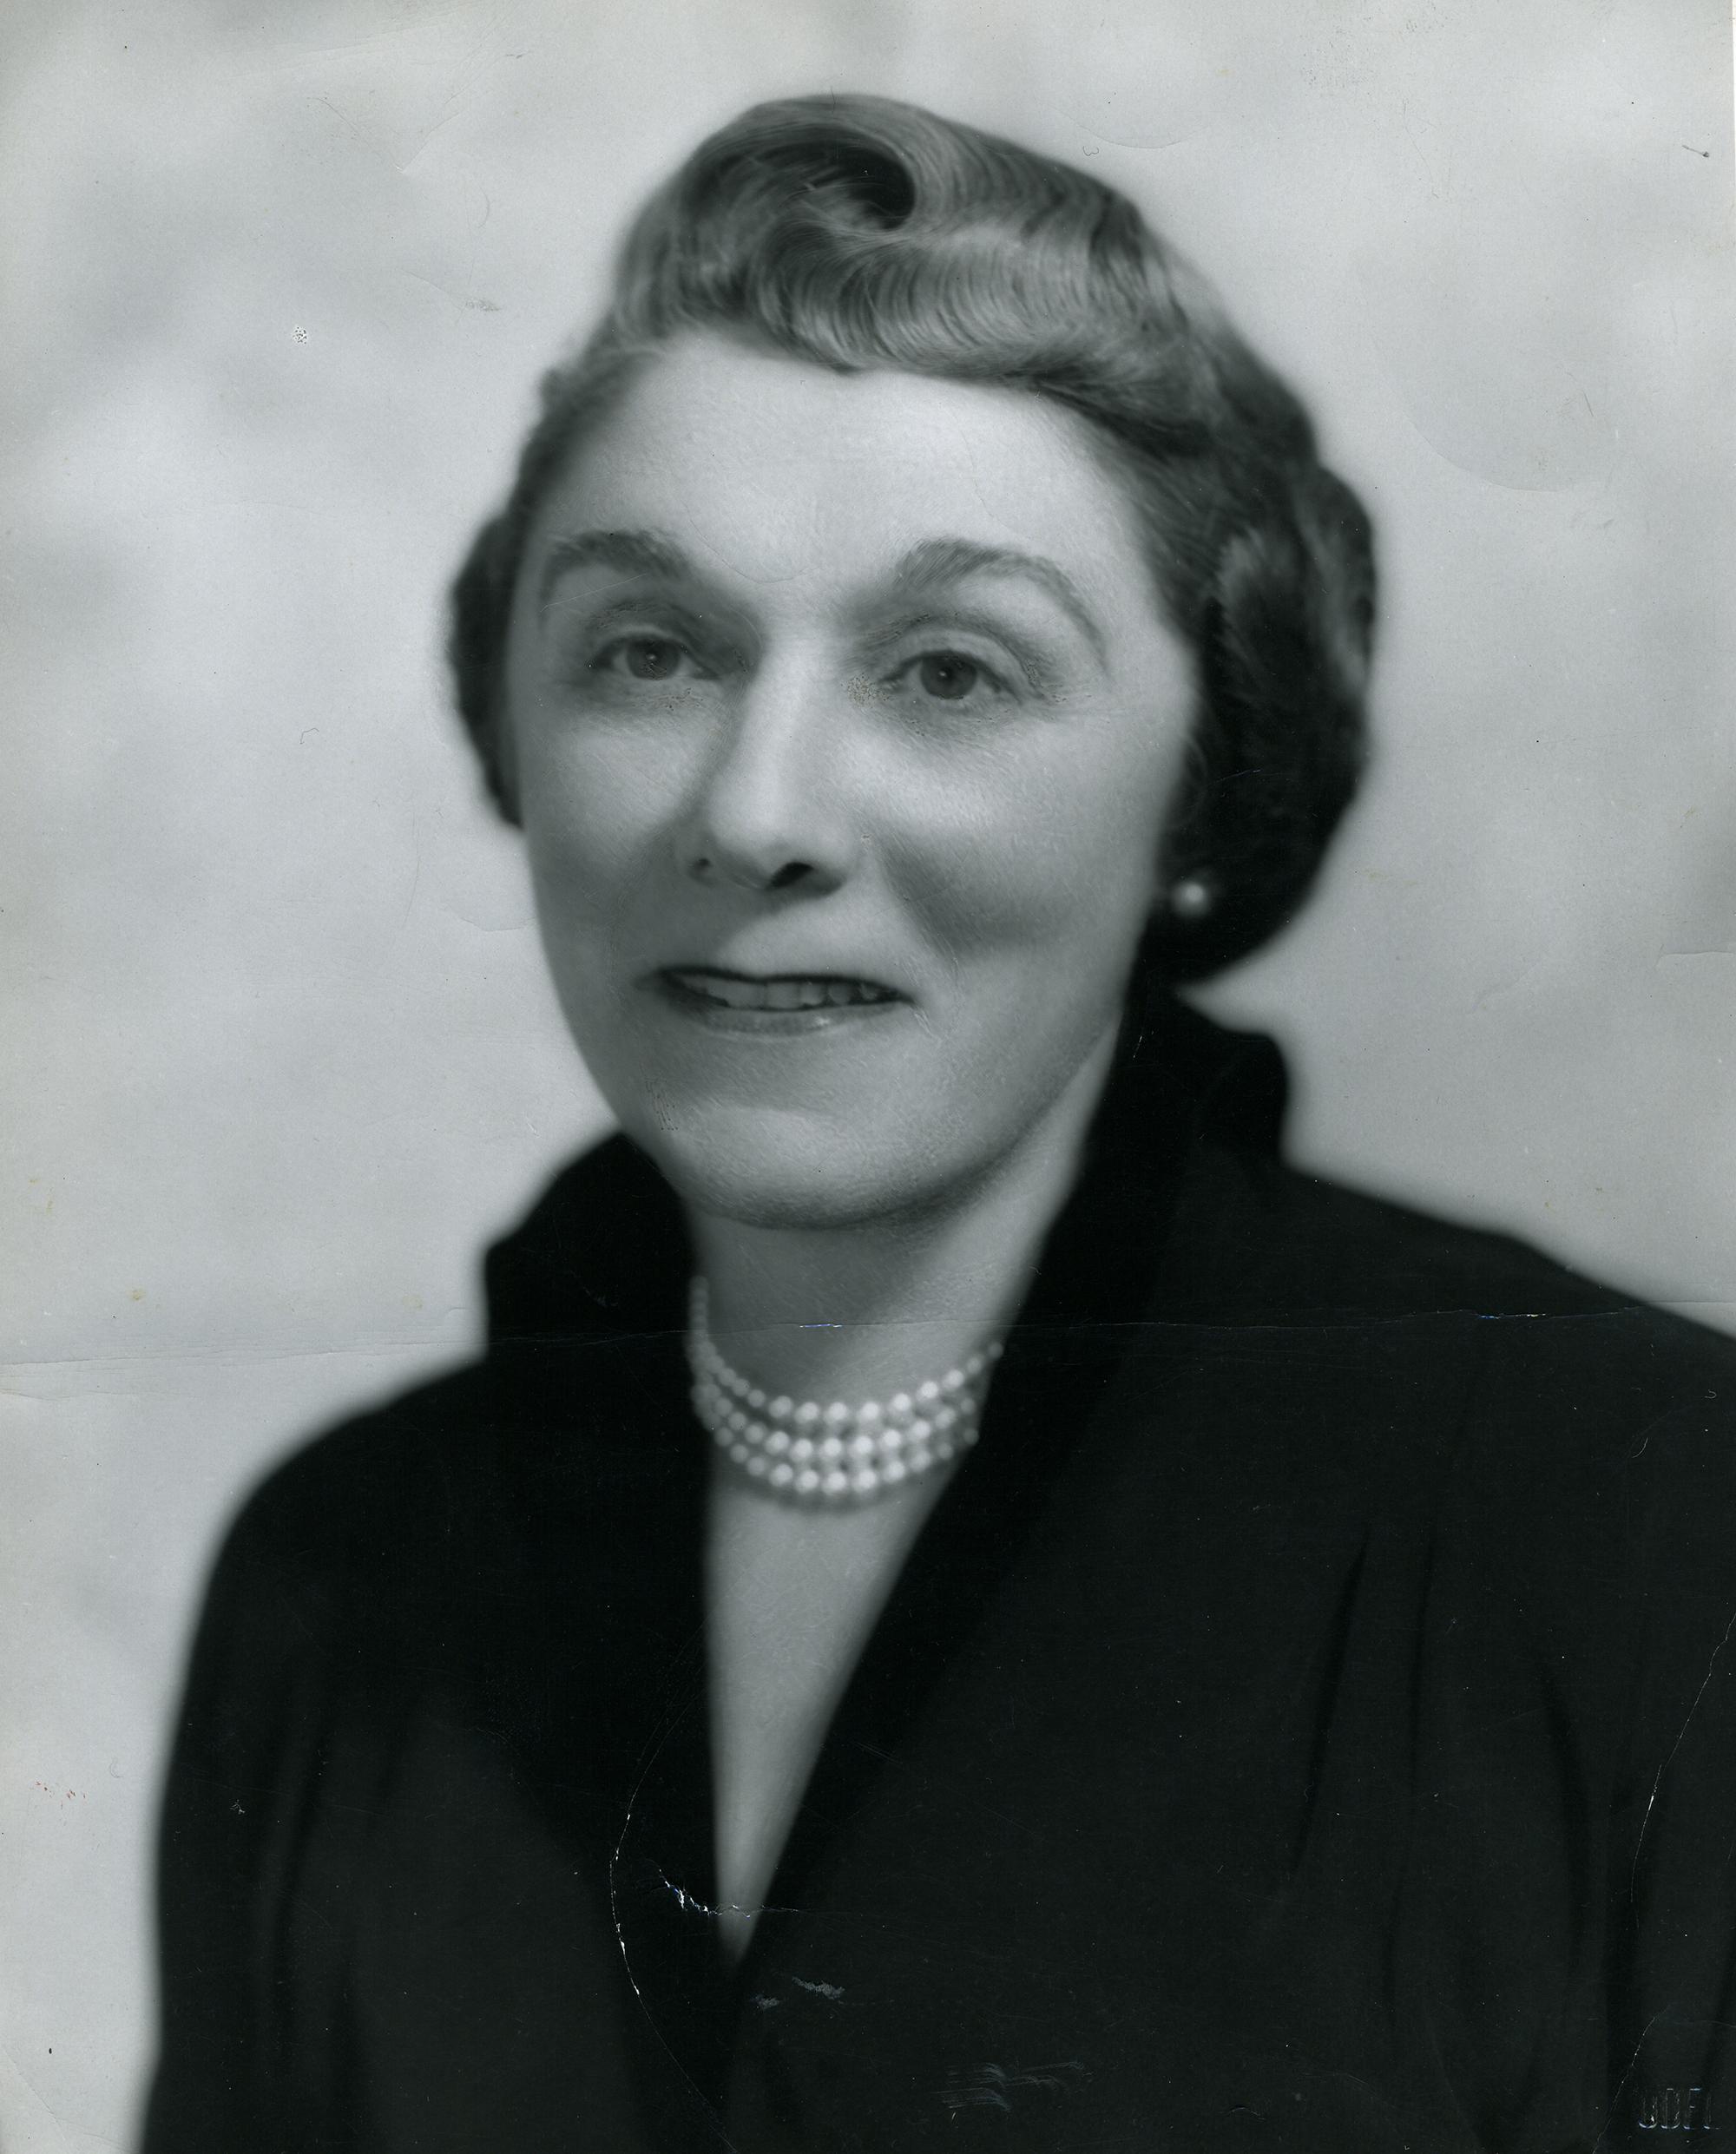 1945 image